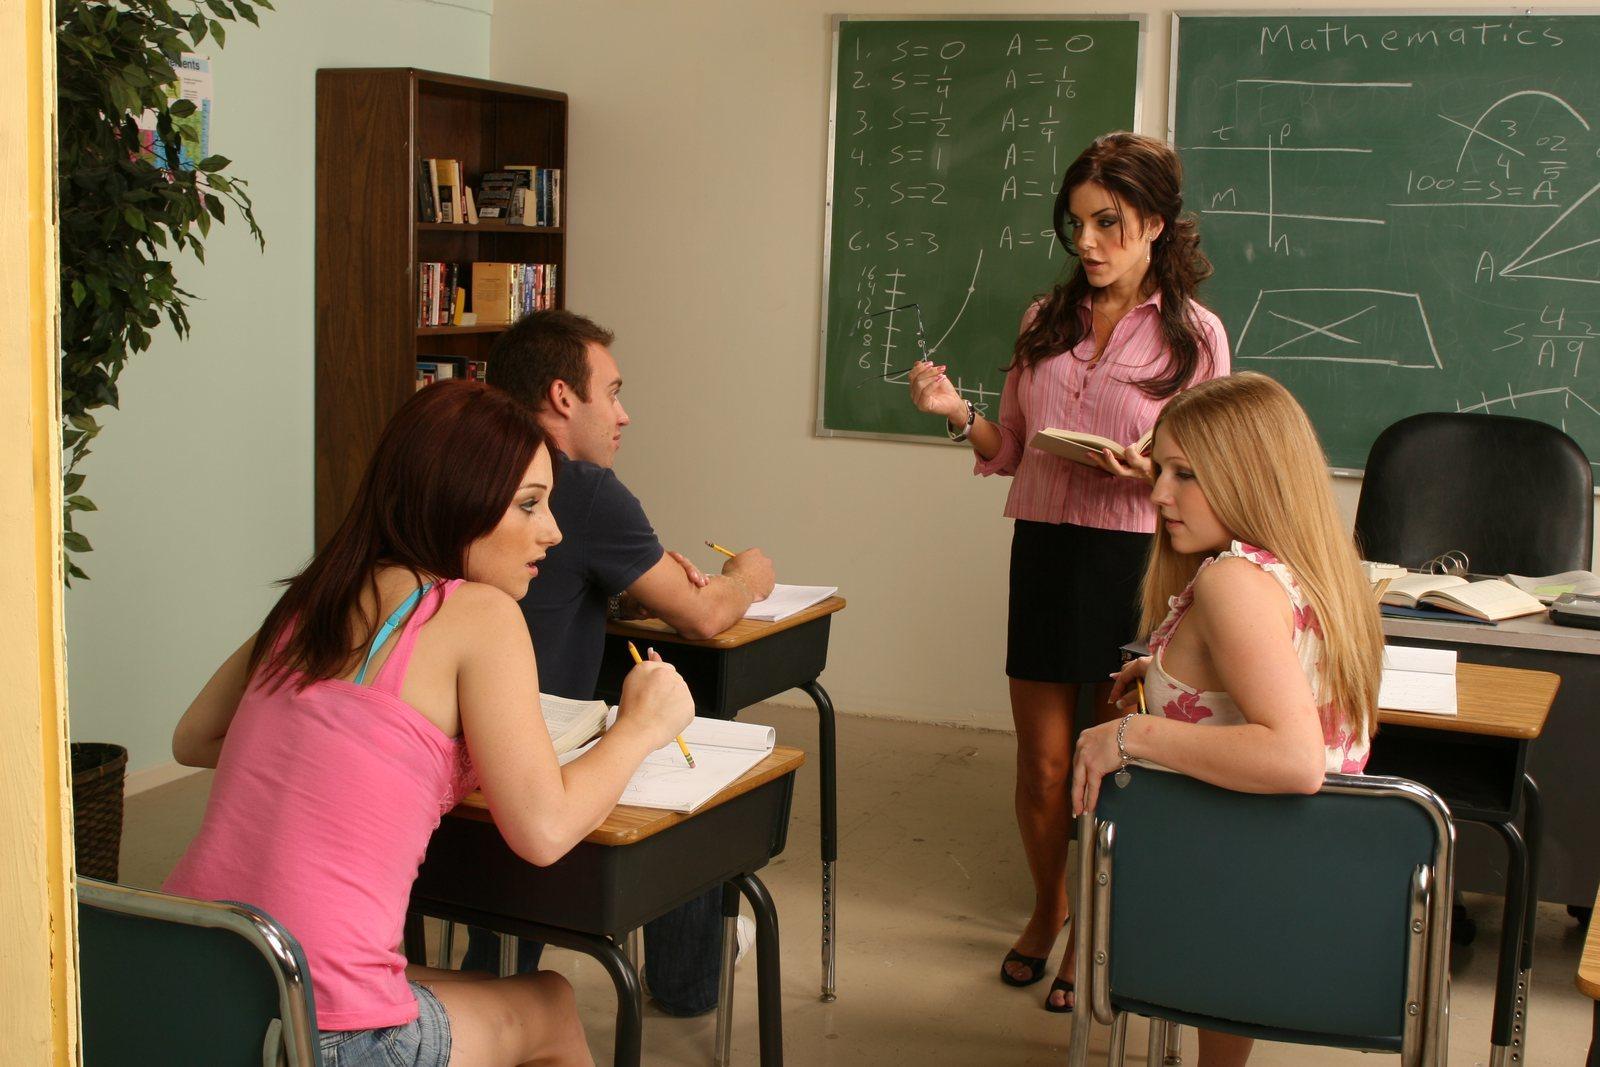 Фото секса на переменах в школе, Школьное порно фото с училками 18 фотография